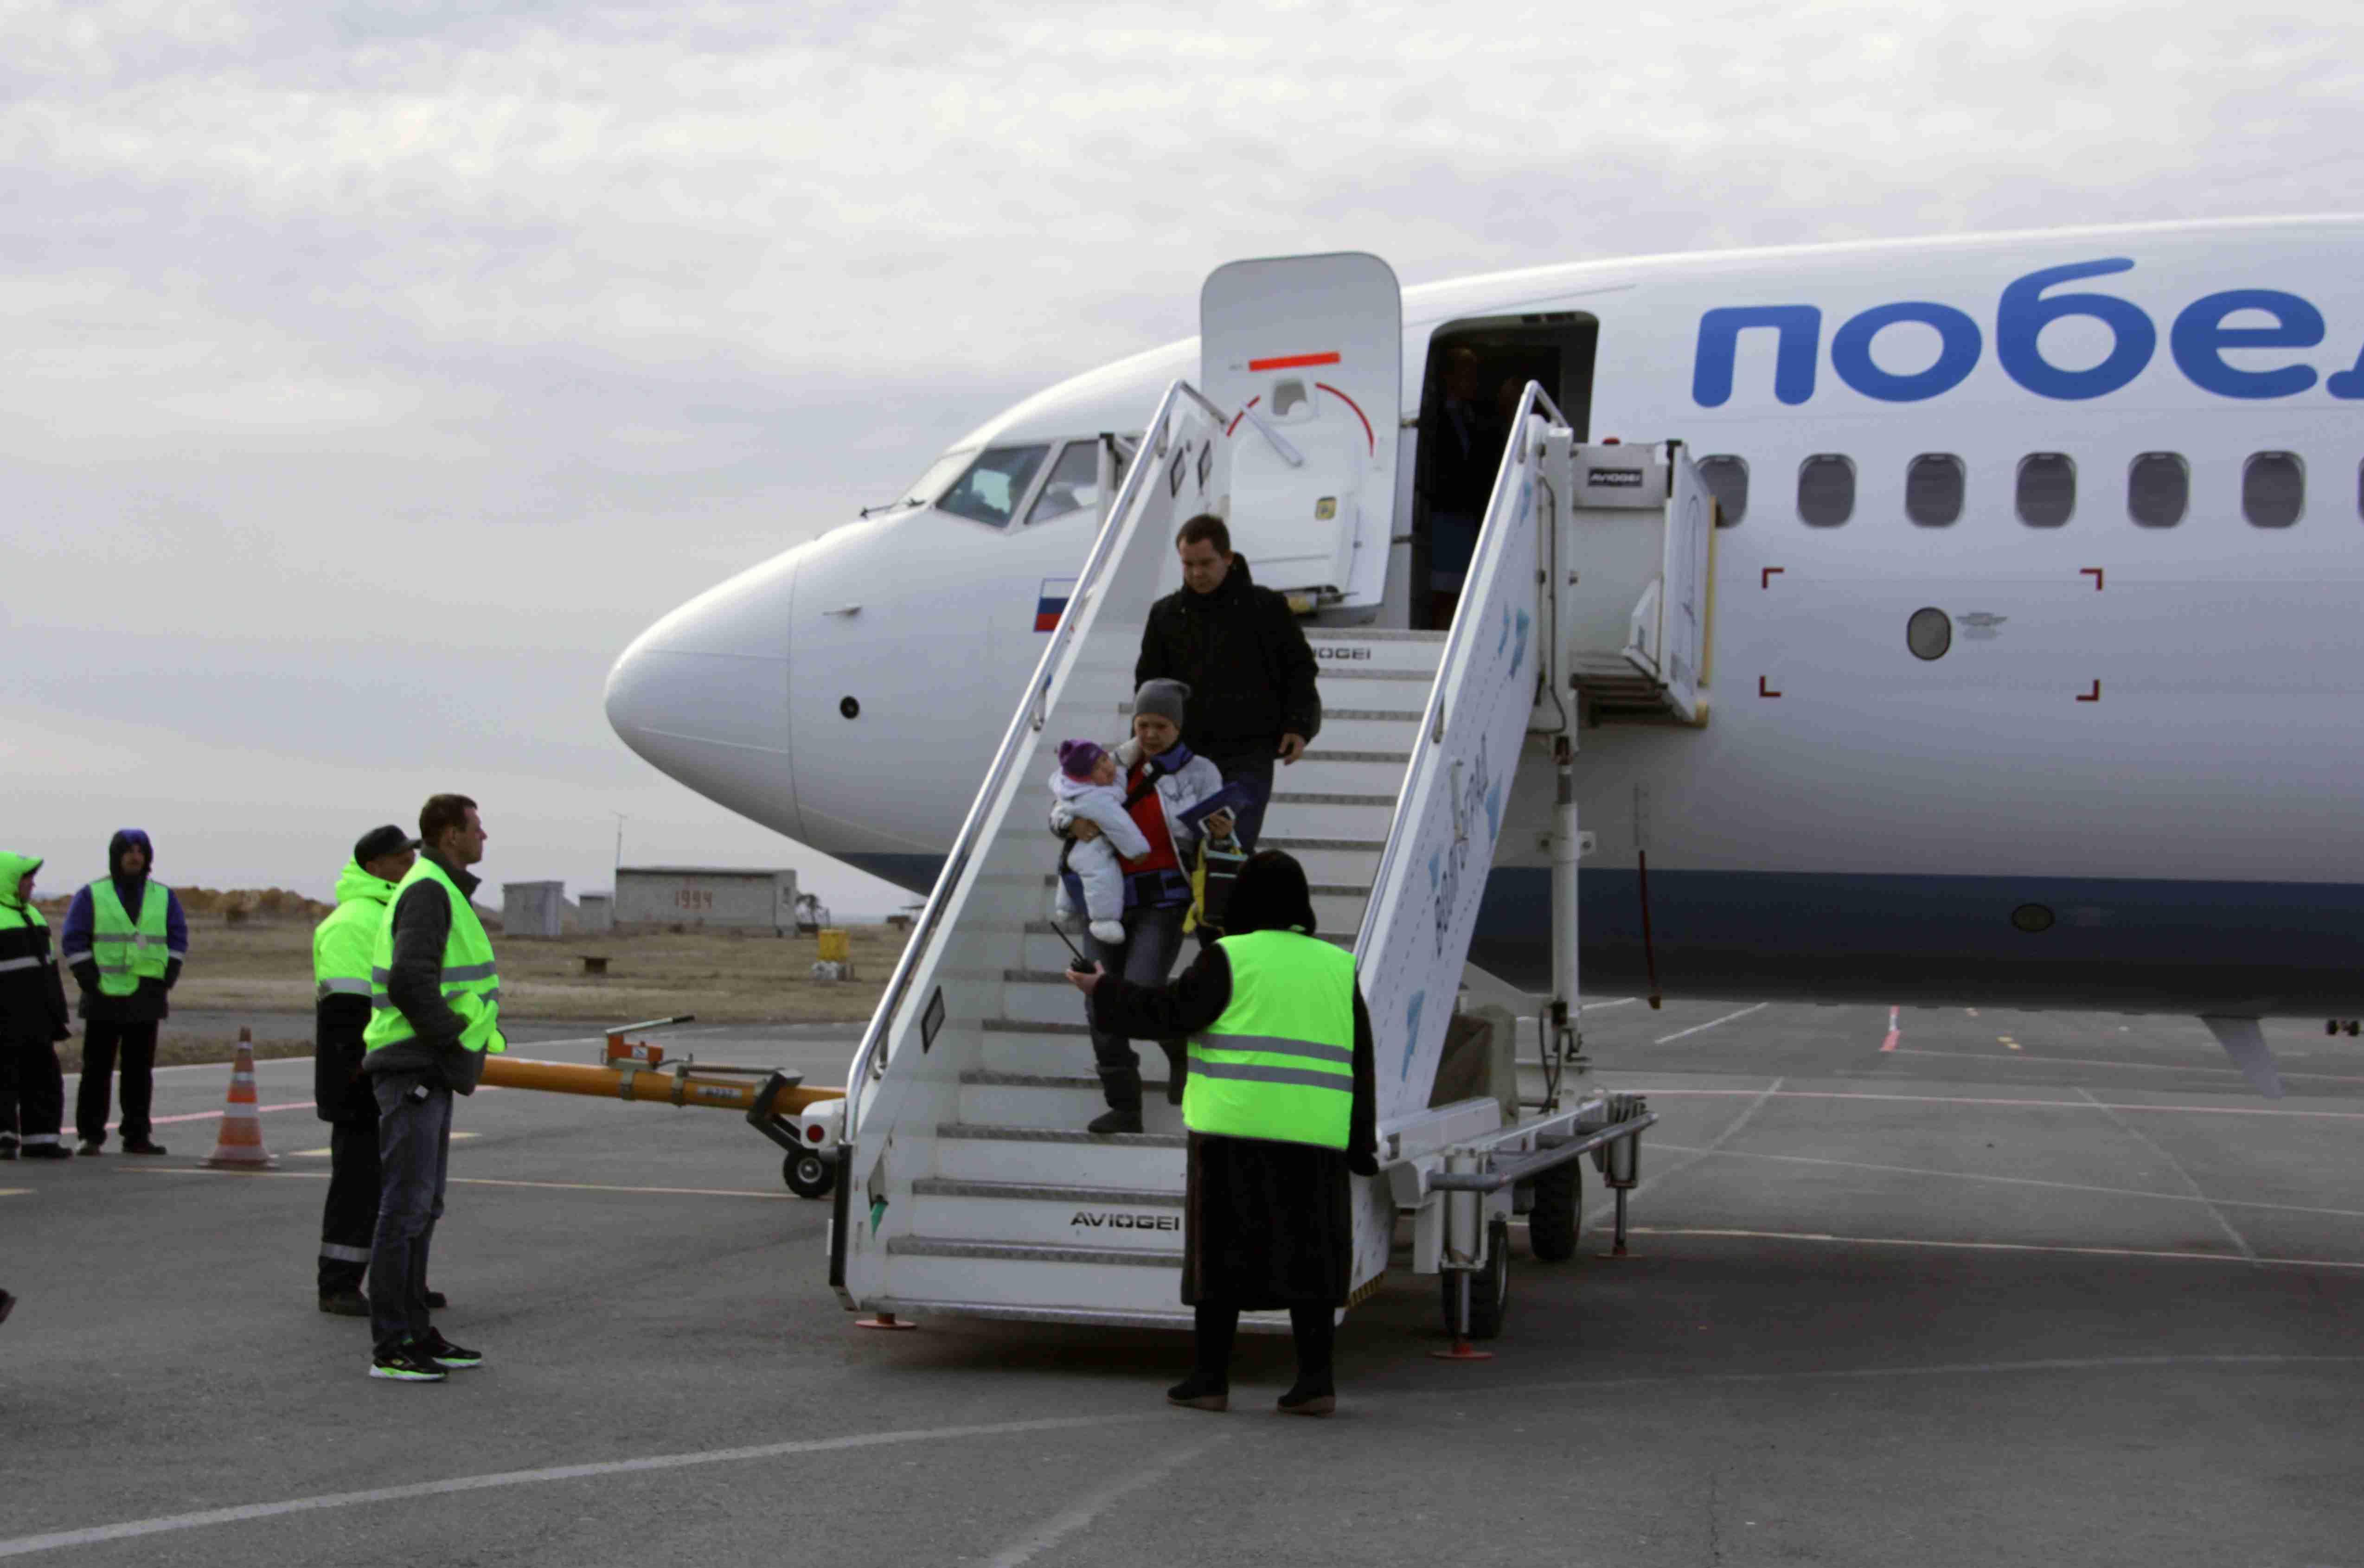 ФАС проверит прекращение авиакомпанией «Победа» полетов вКиров